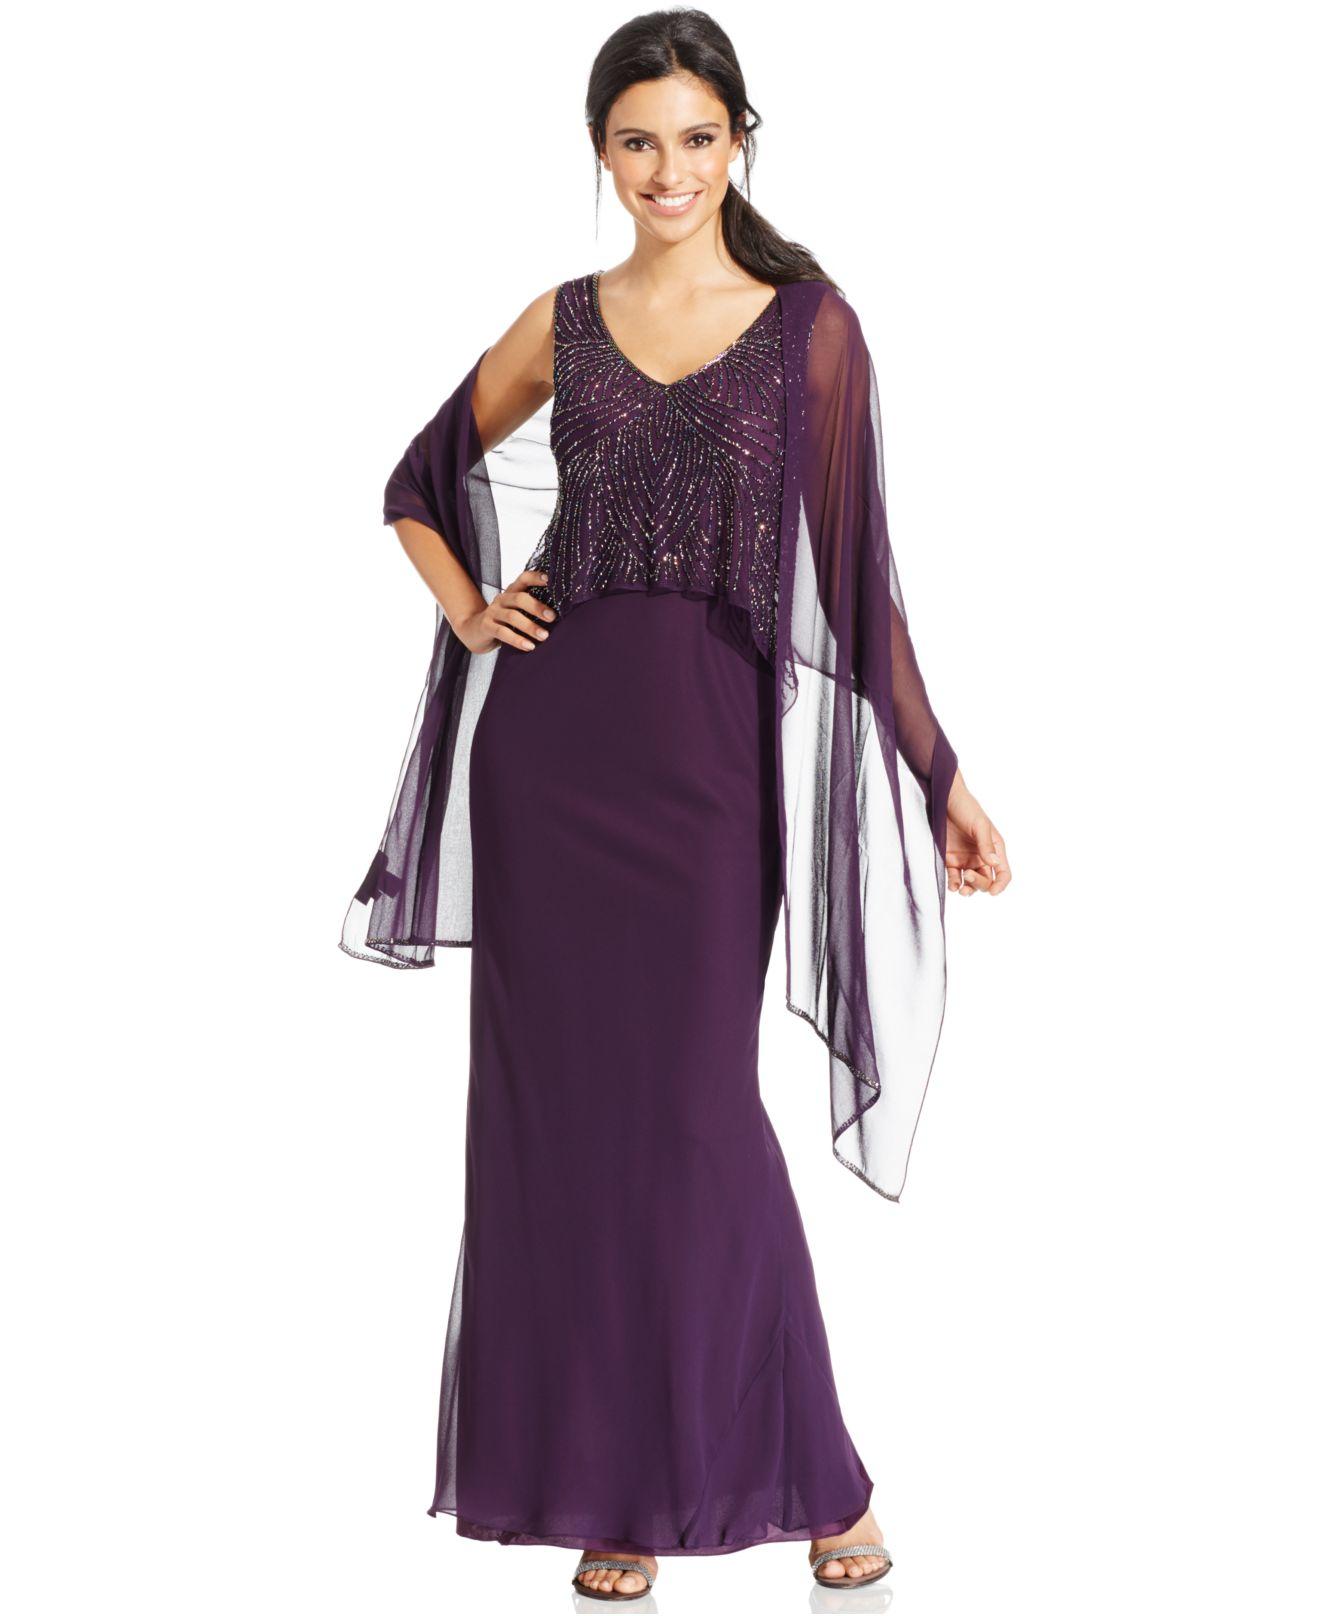 Lyst - J Kara Beaded Chiffon Popover Gown in Purple